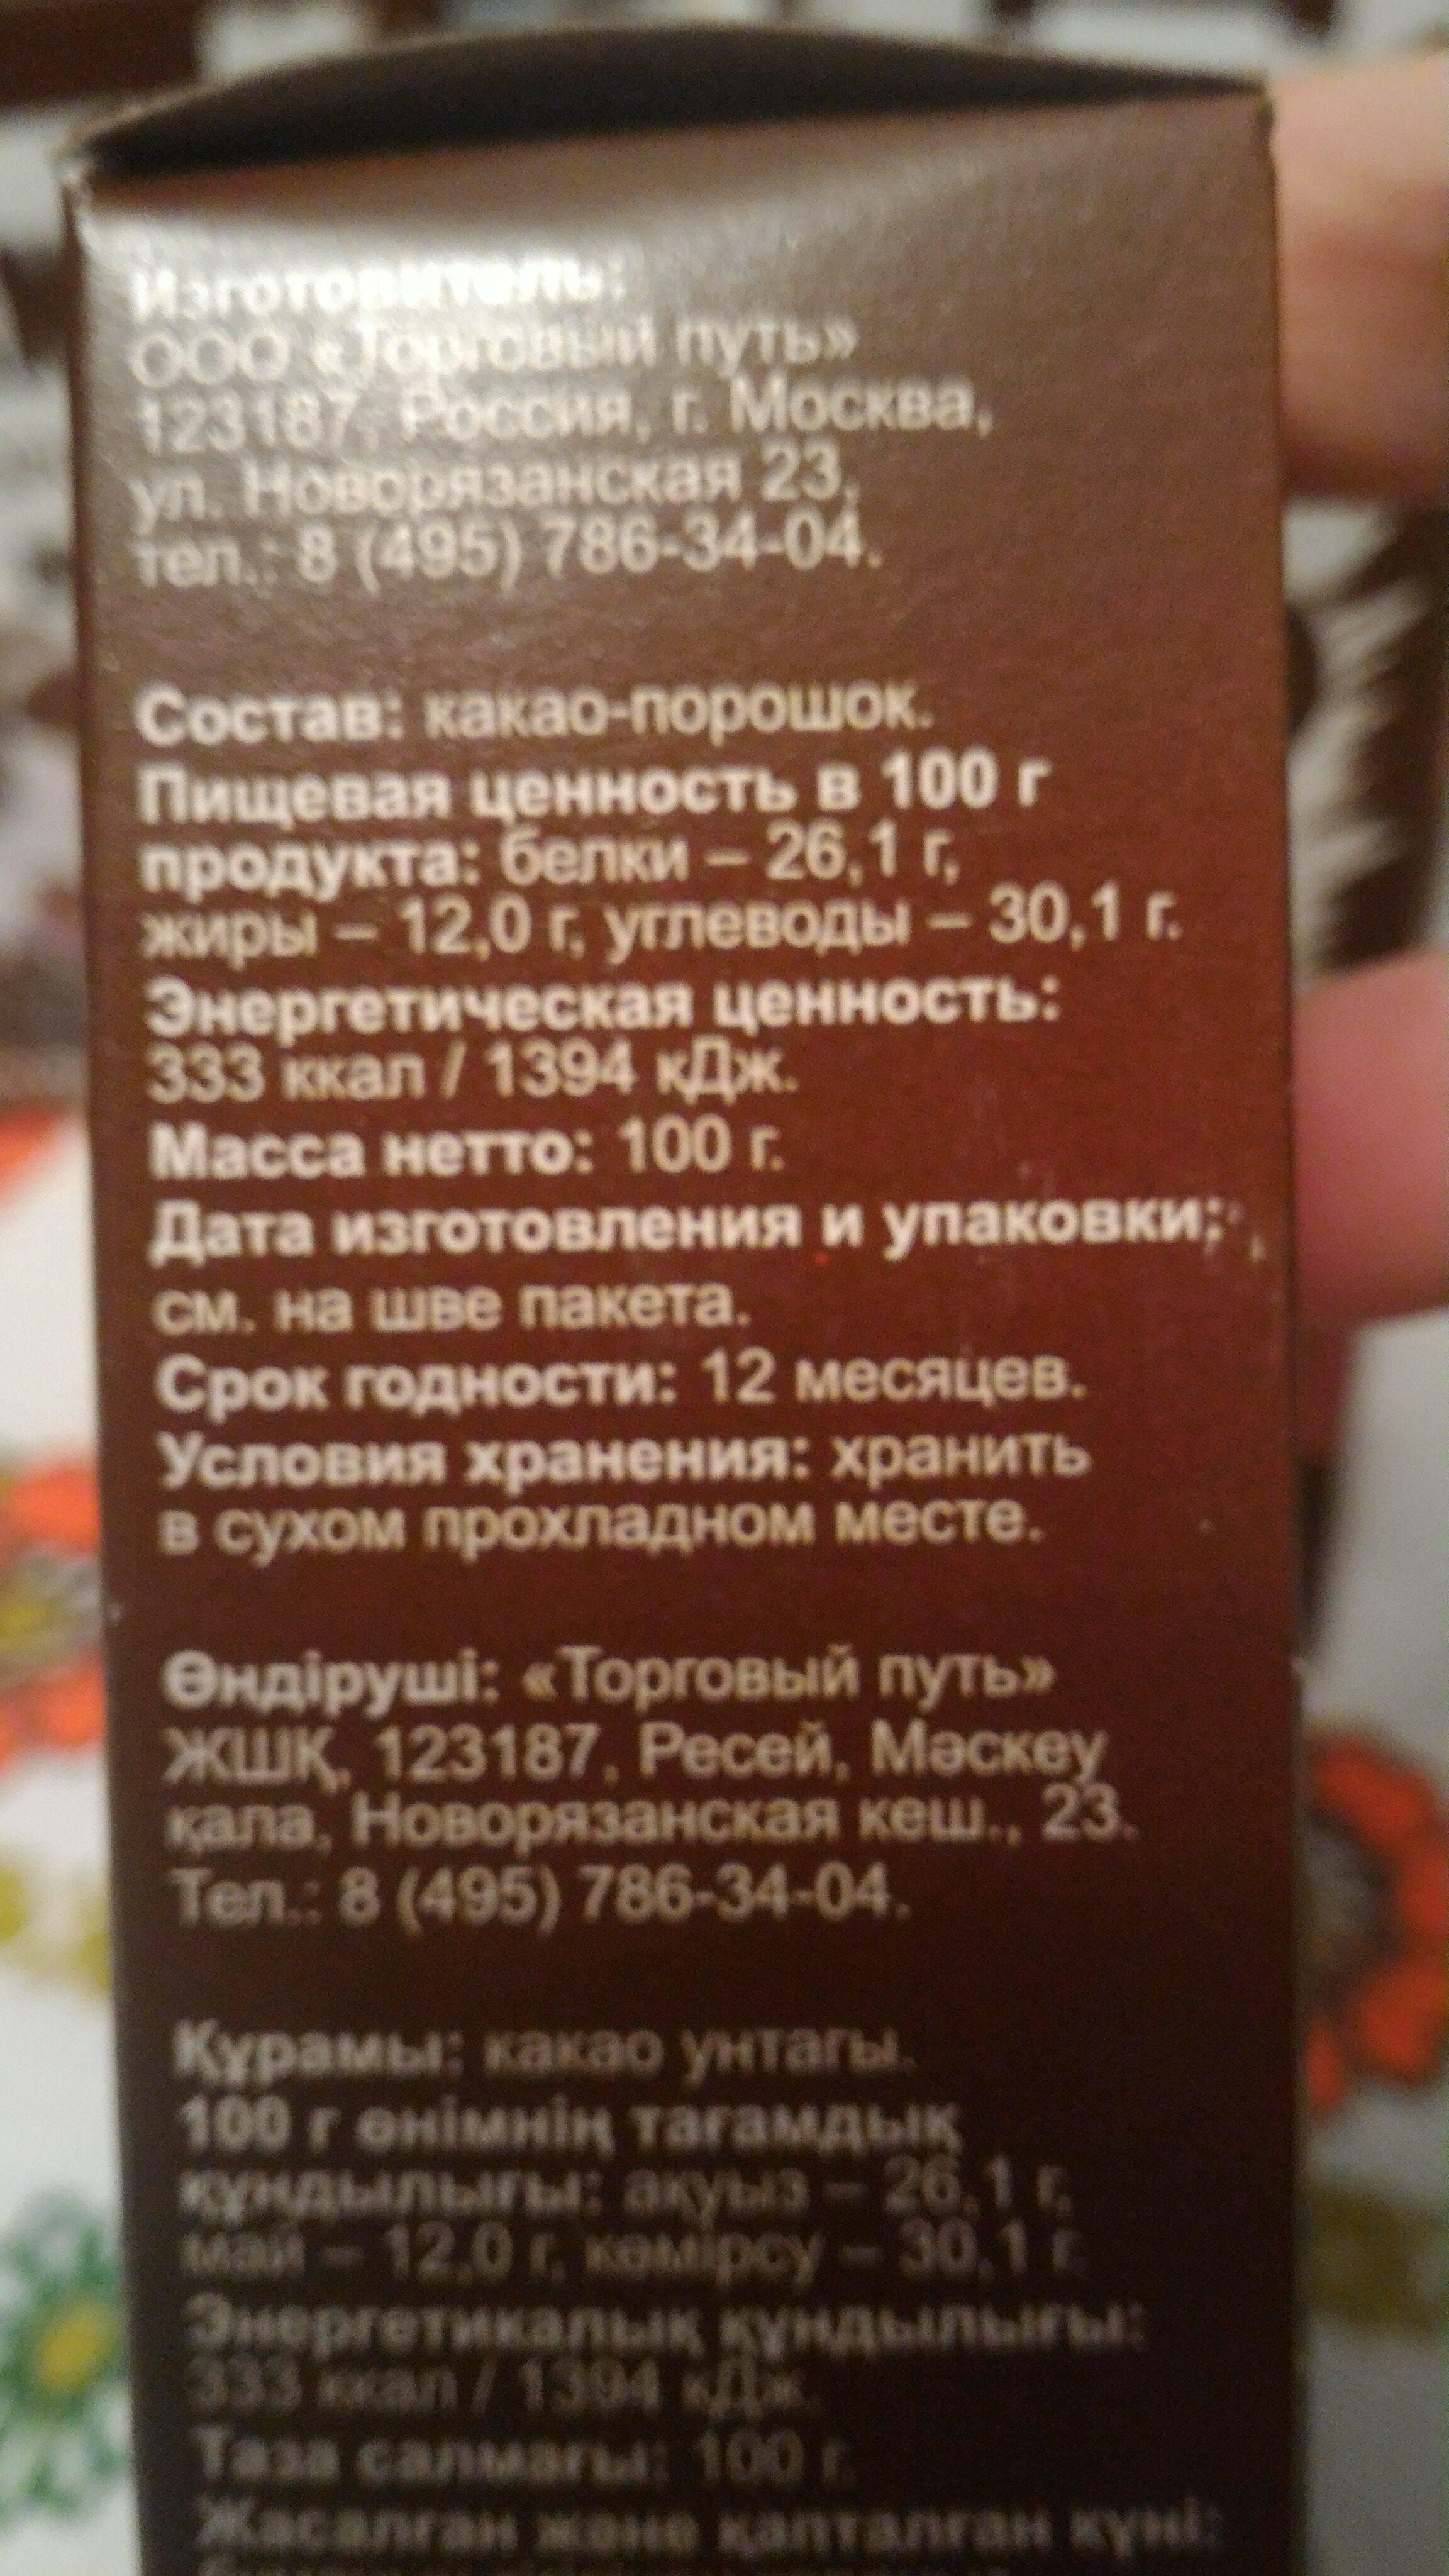 Какао порошок польза и вред: состав, пищевая ценность, калорийность